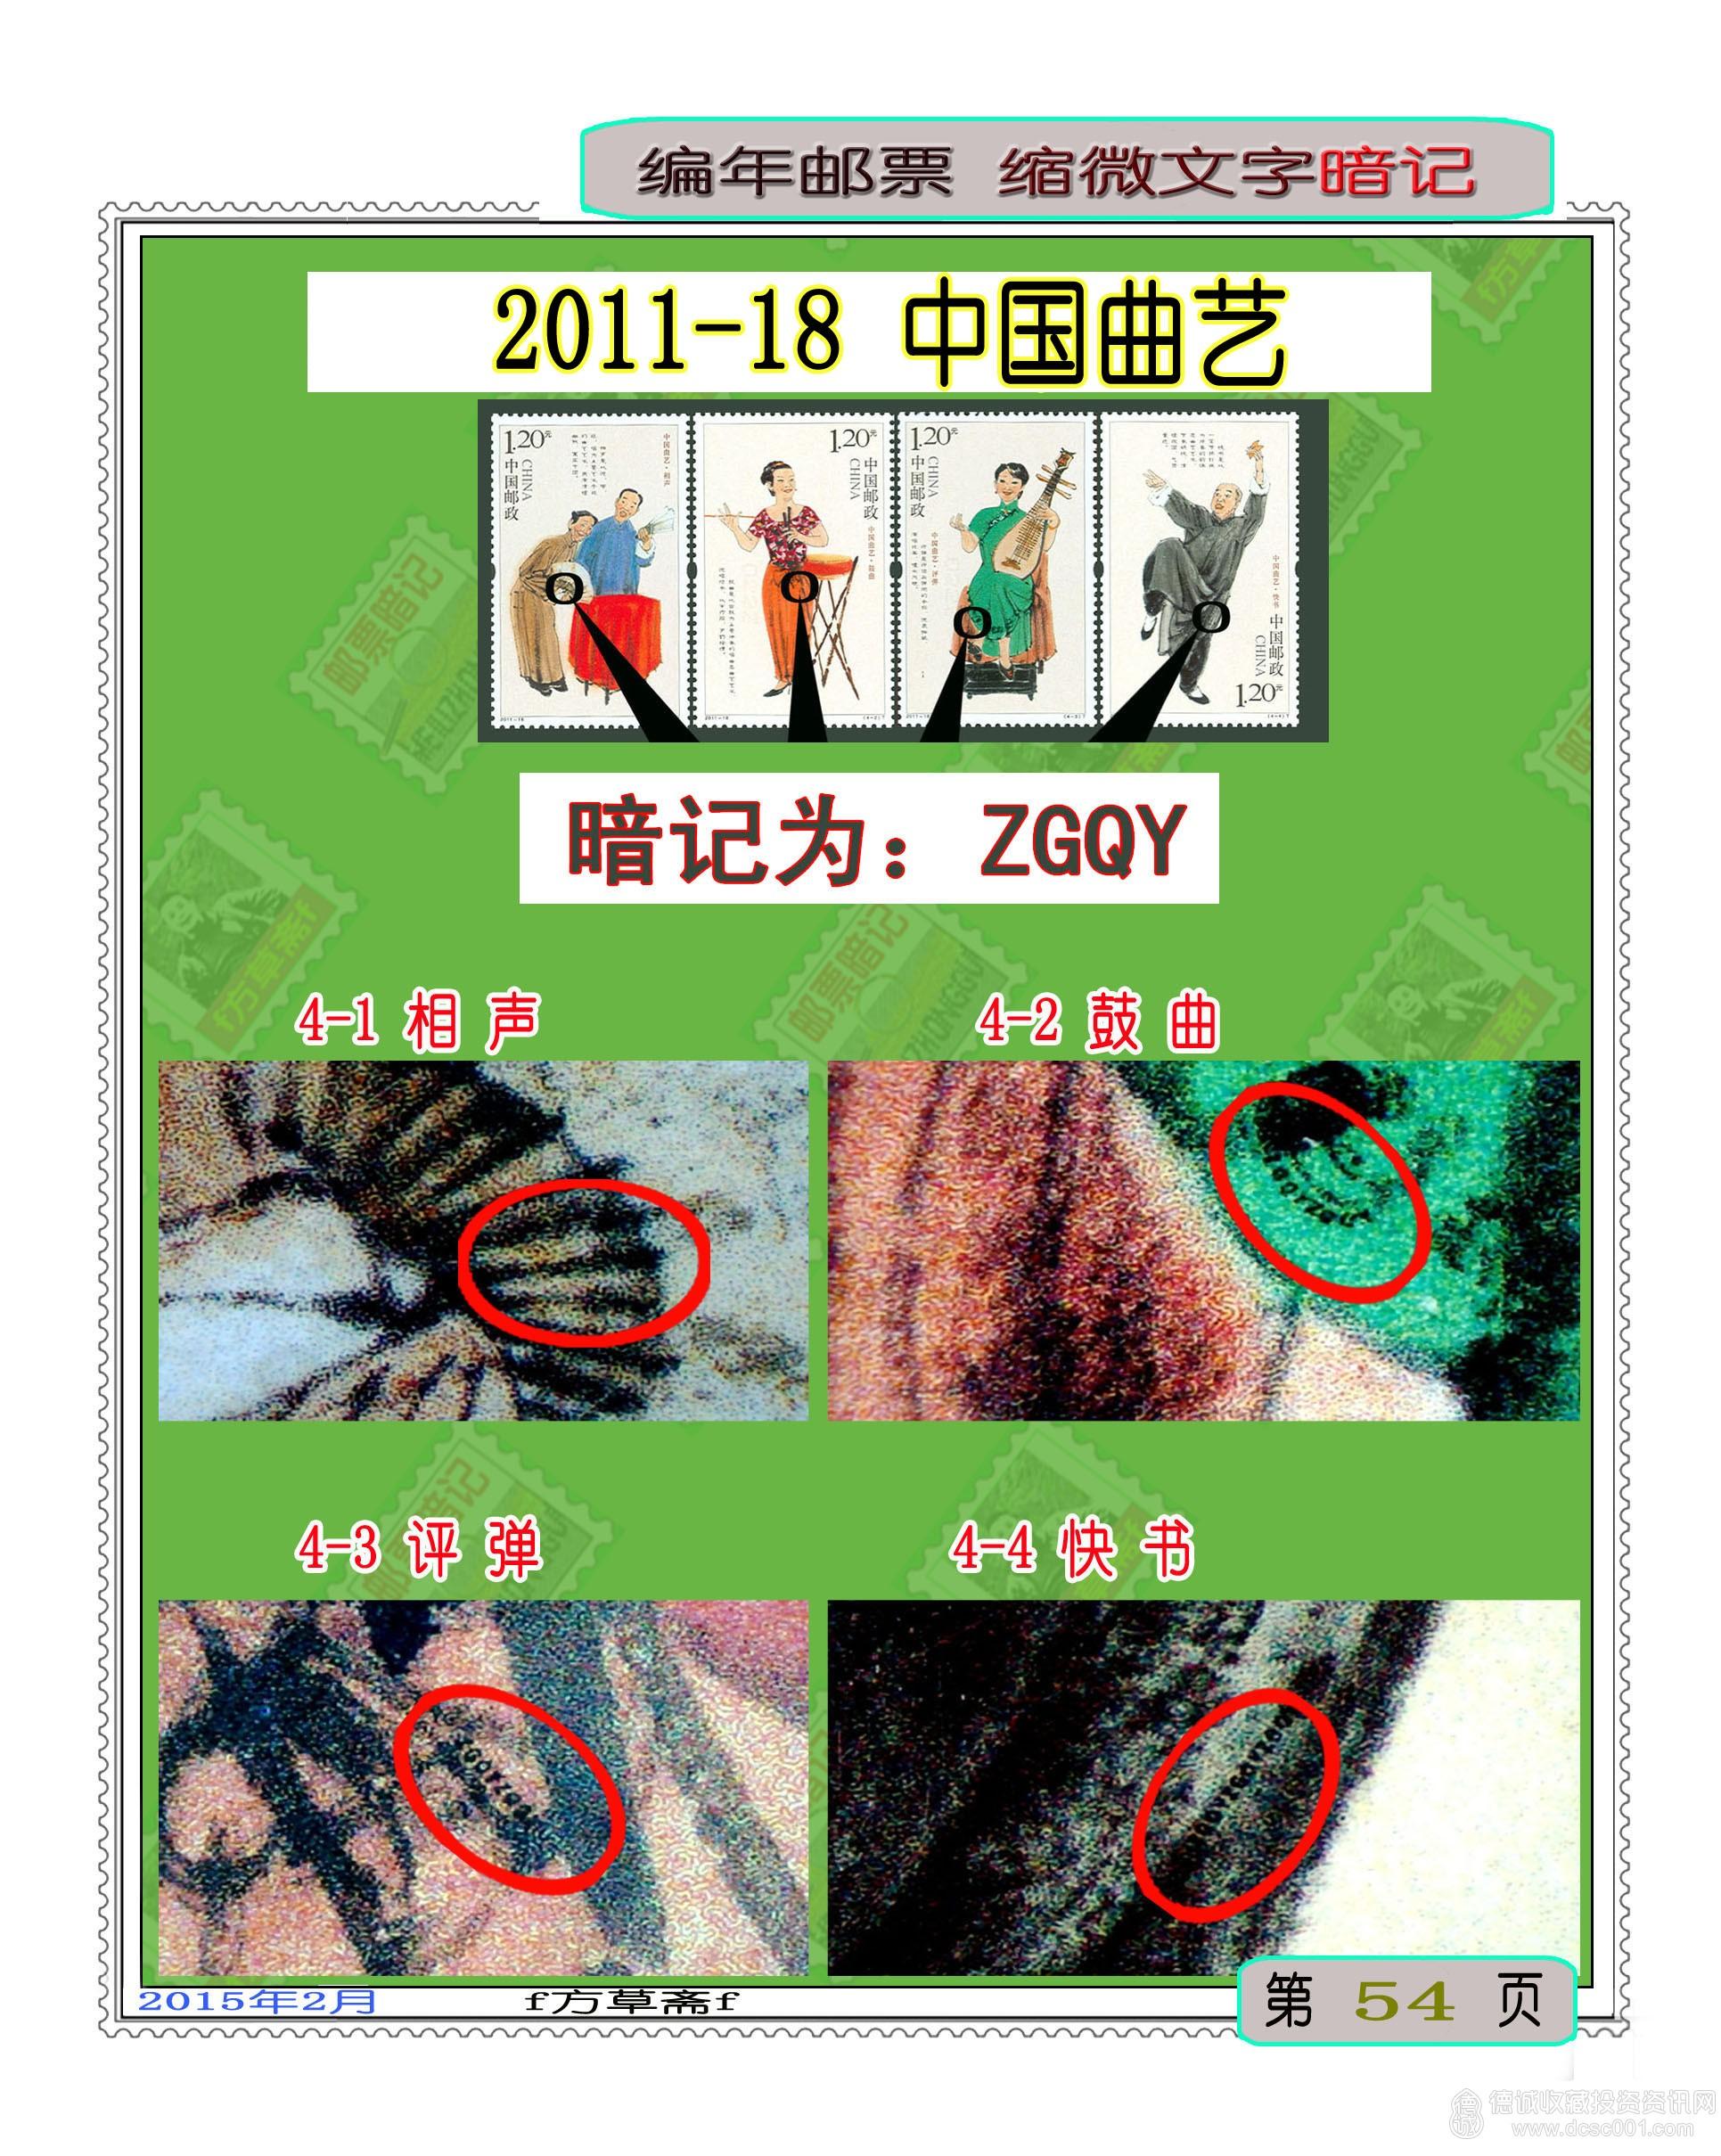 2011-18 中国曲艺.jpg